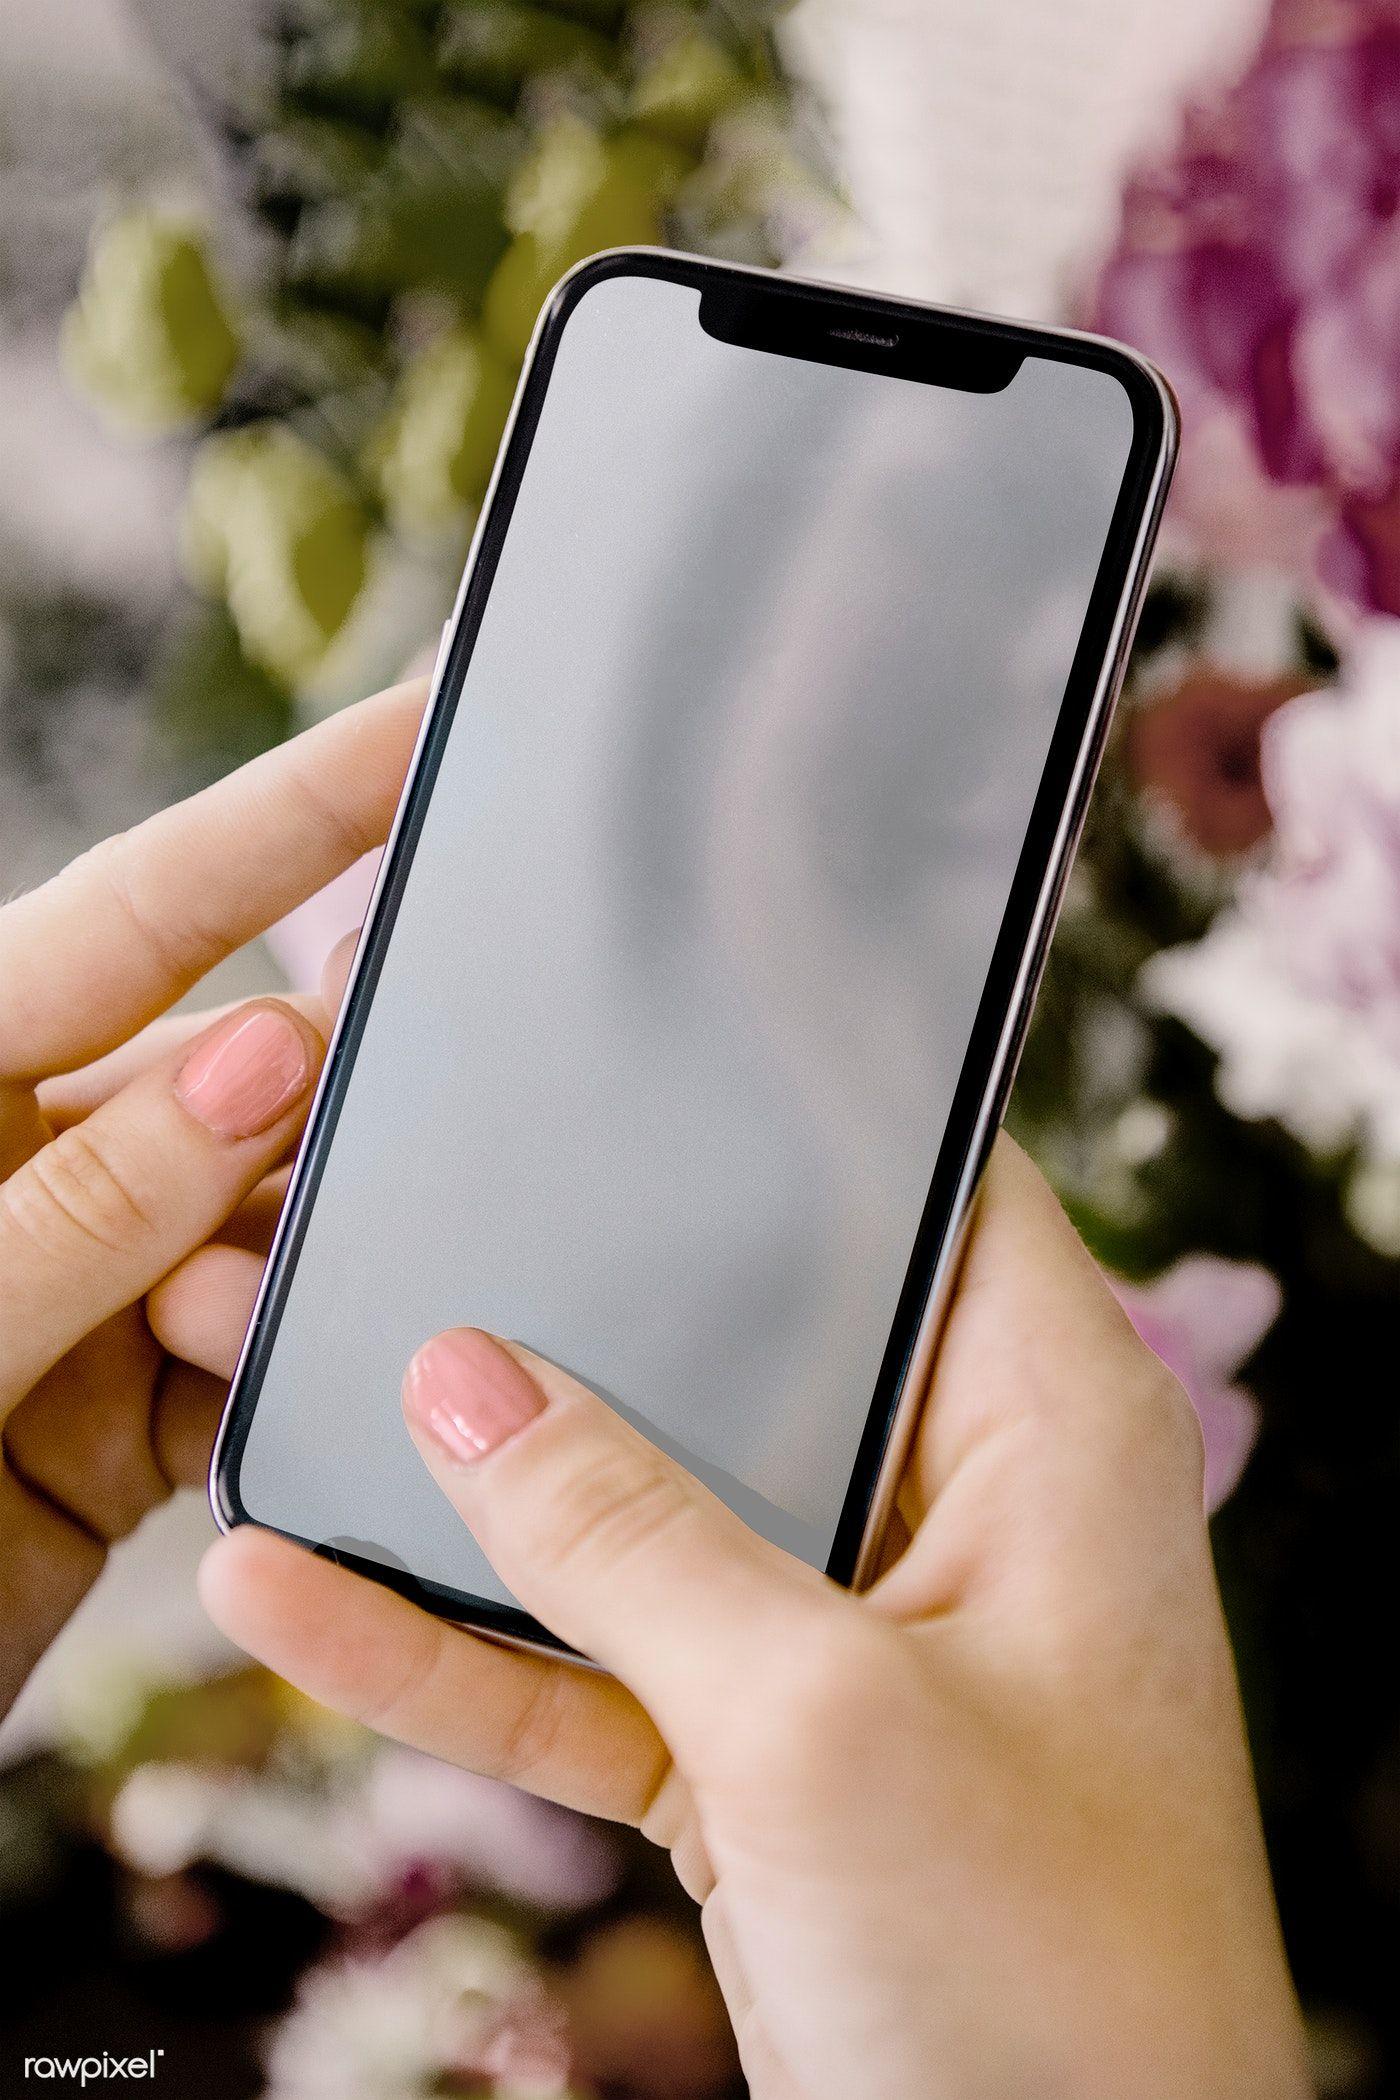 Download Premium Psd Of Woman Using A Mobile Screen Mockup 1210224 Phone Mockup Design Mockup Free Mockup